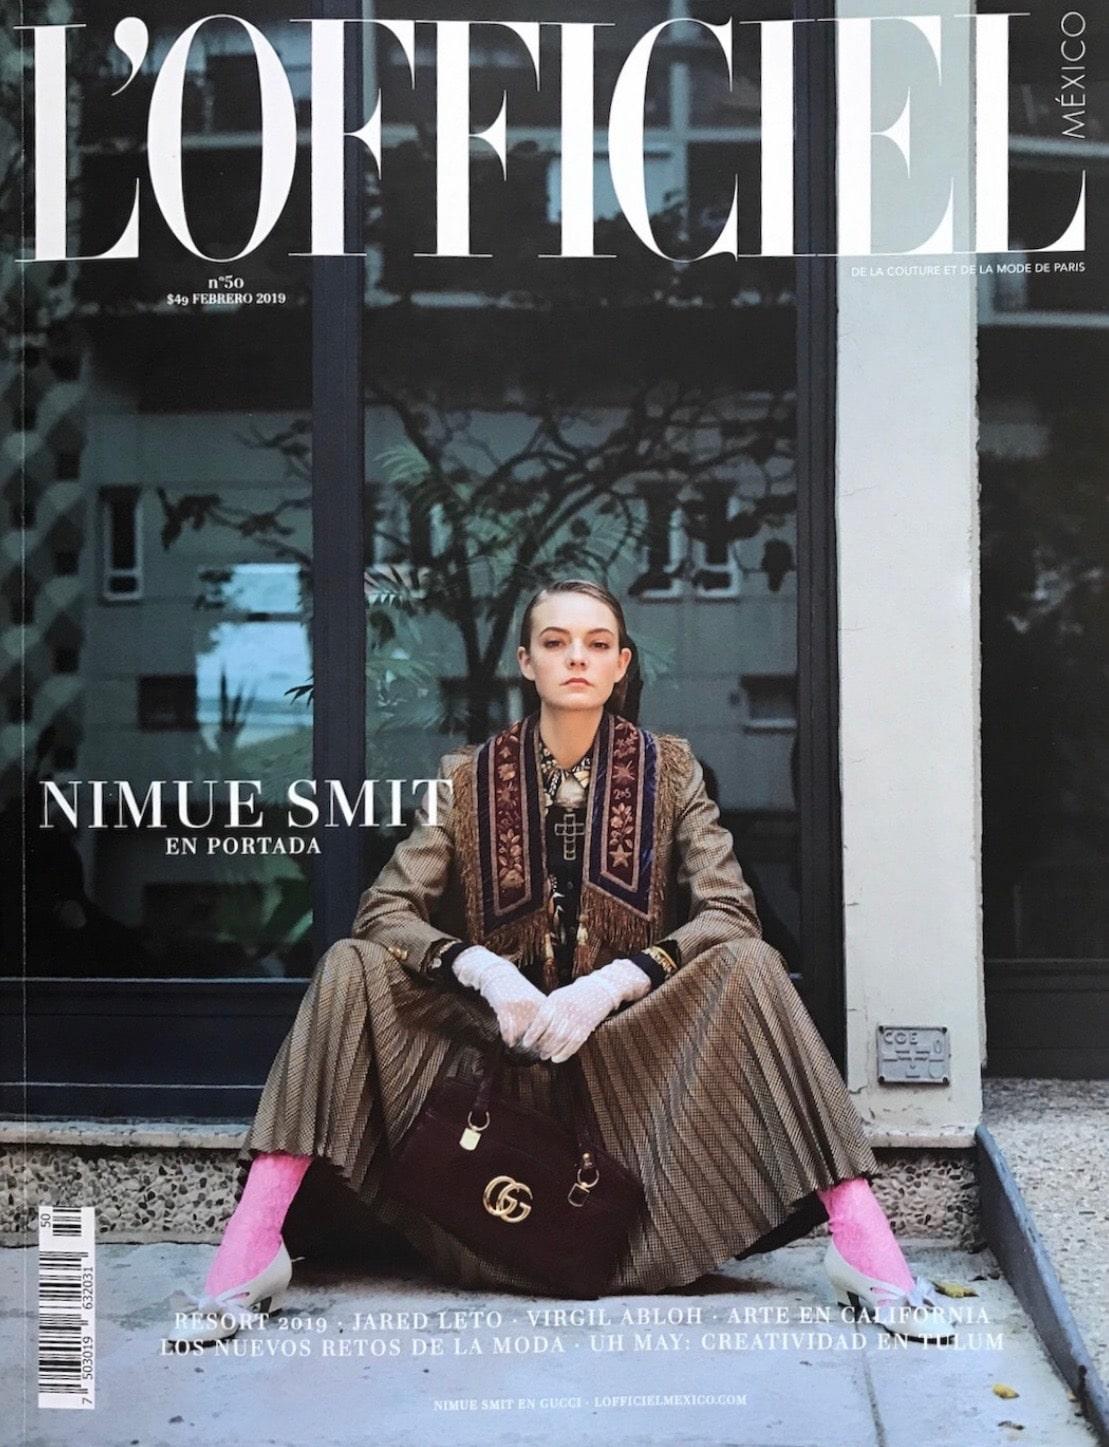 L'Officiel_Feb2019_Cover_Izapa